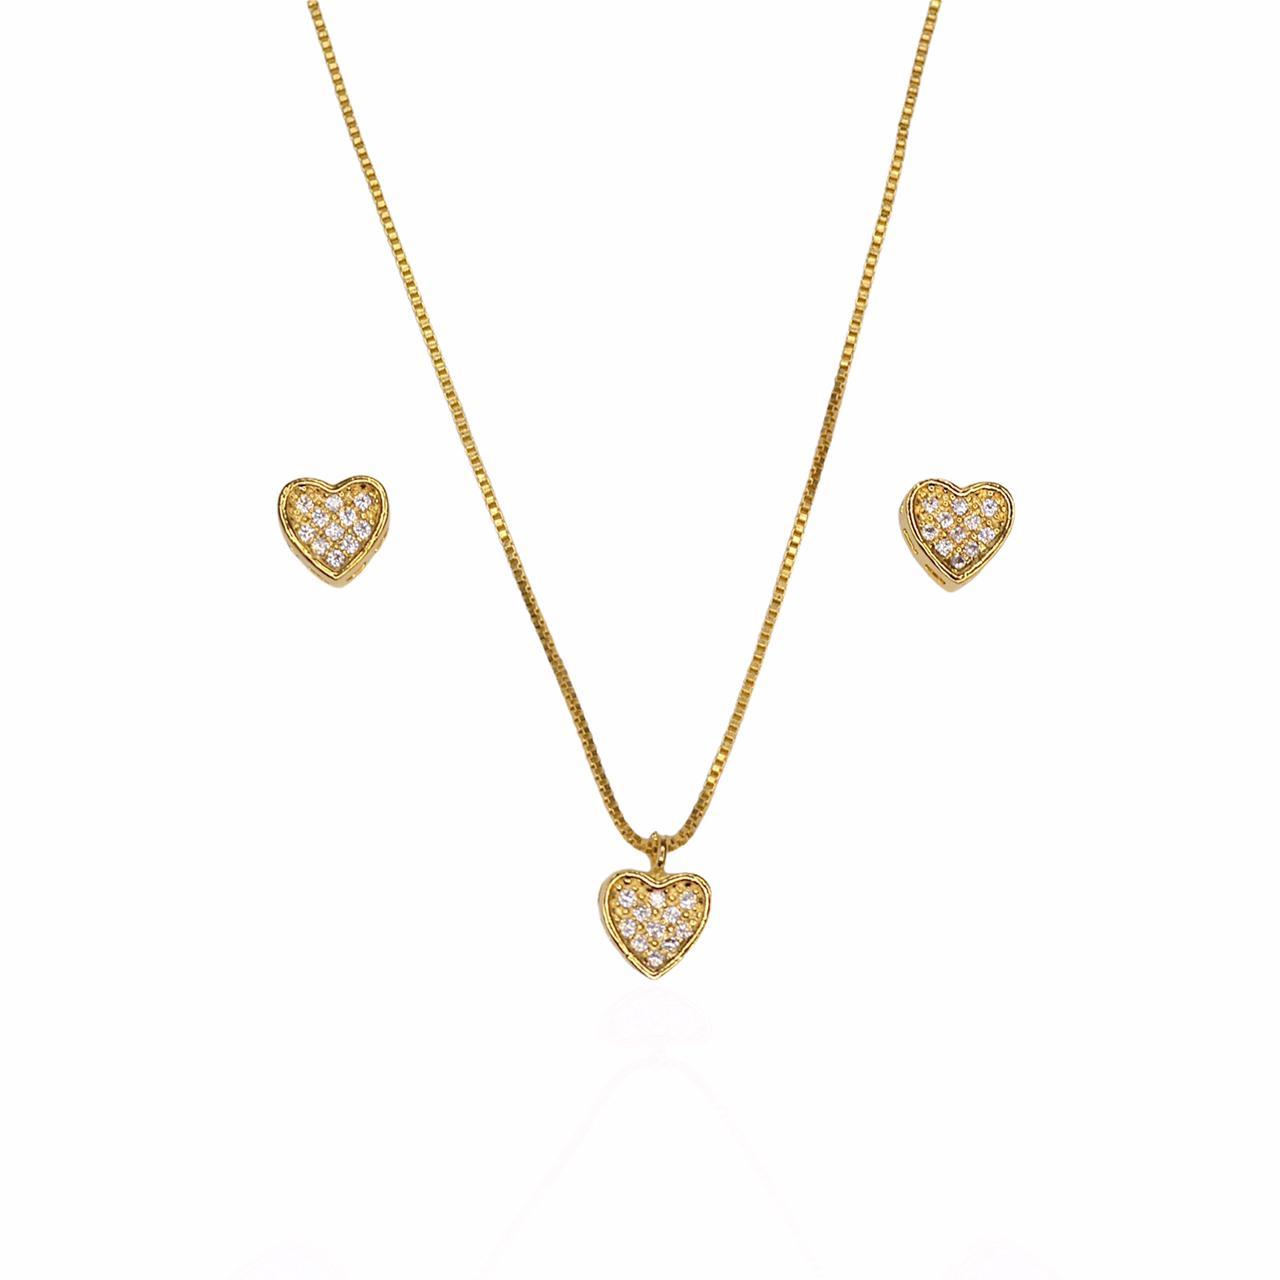 Conjunto colar e brinco coração com zircônias folheado a ouro 18K